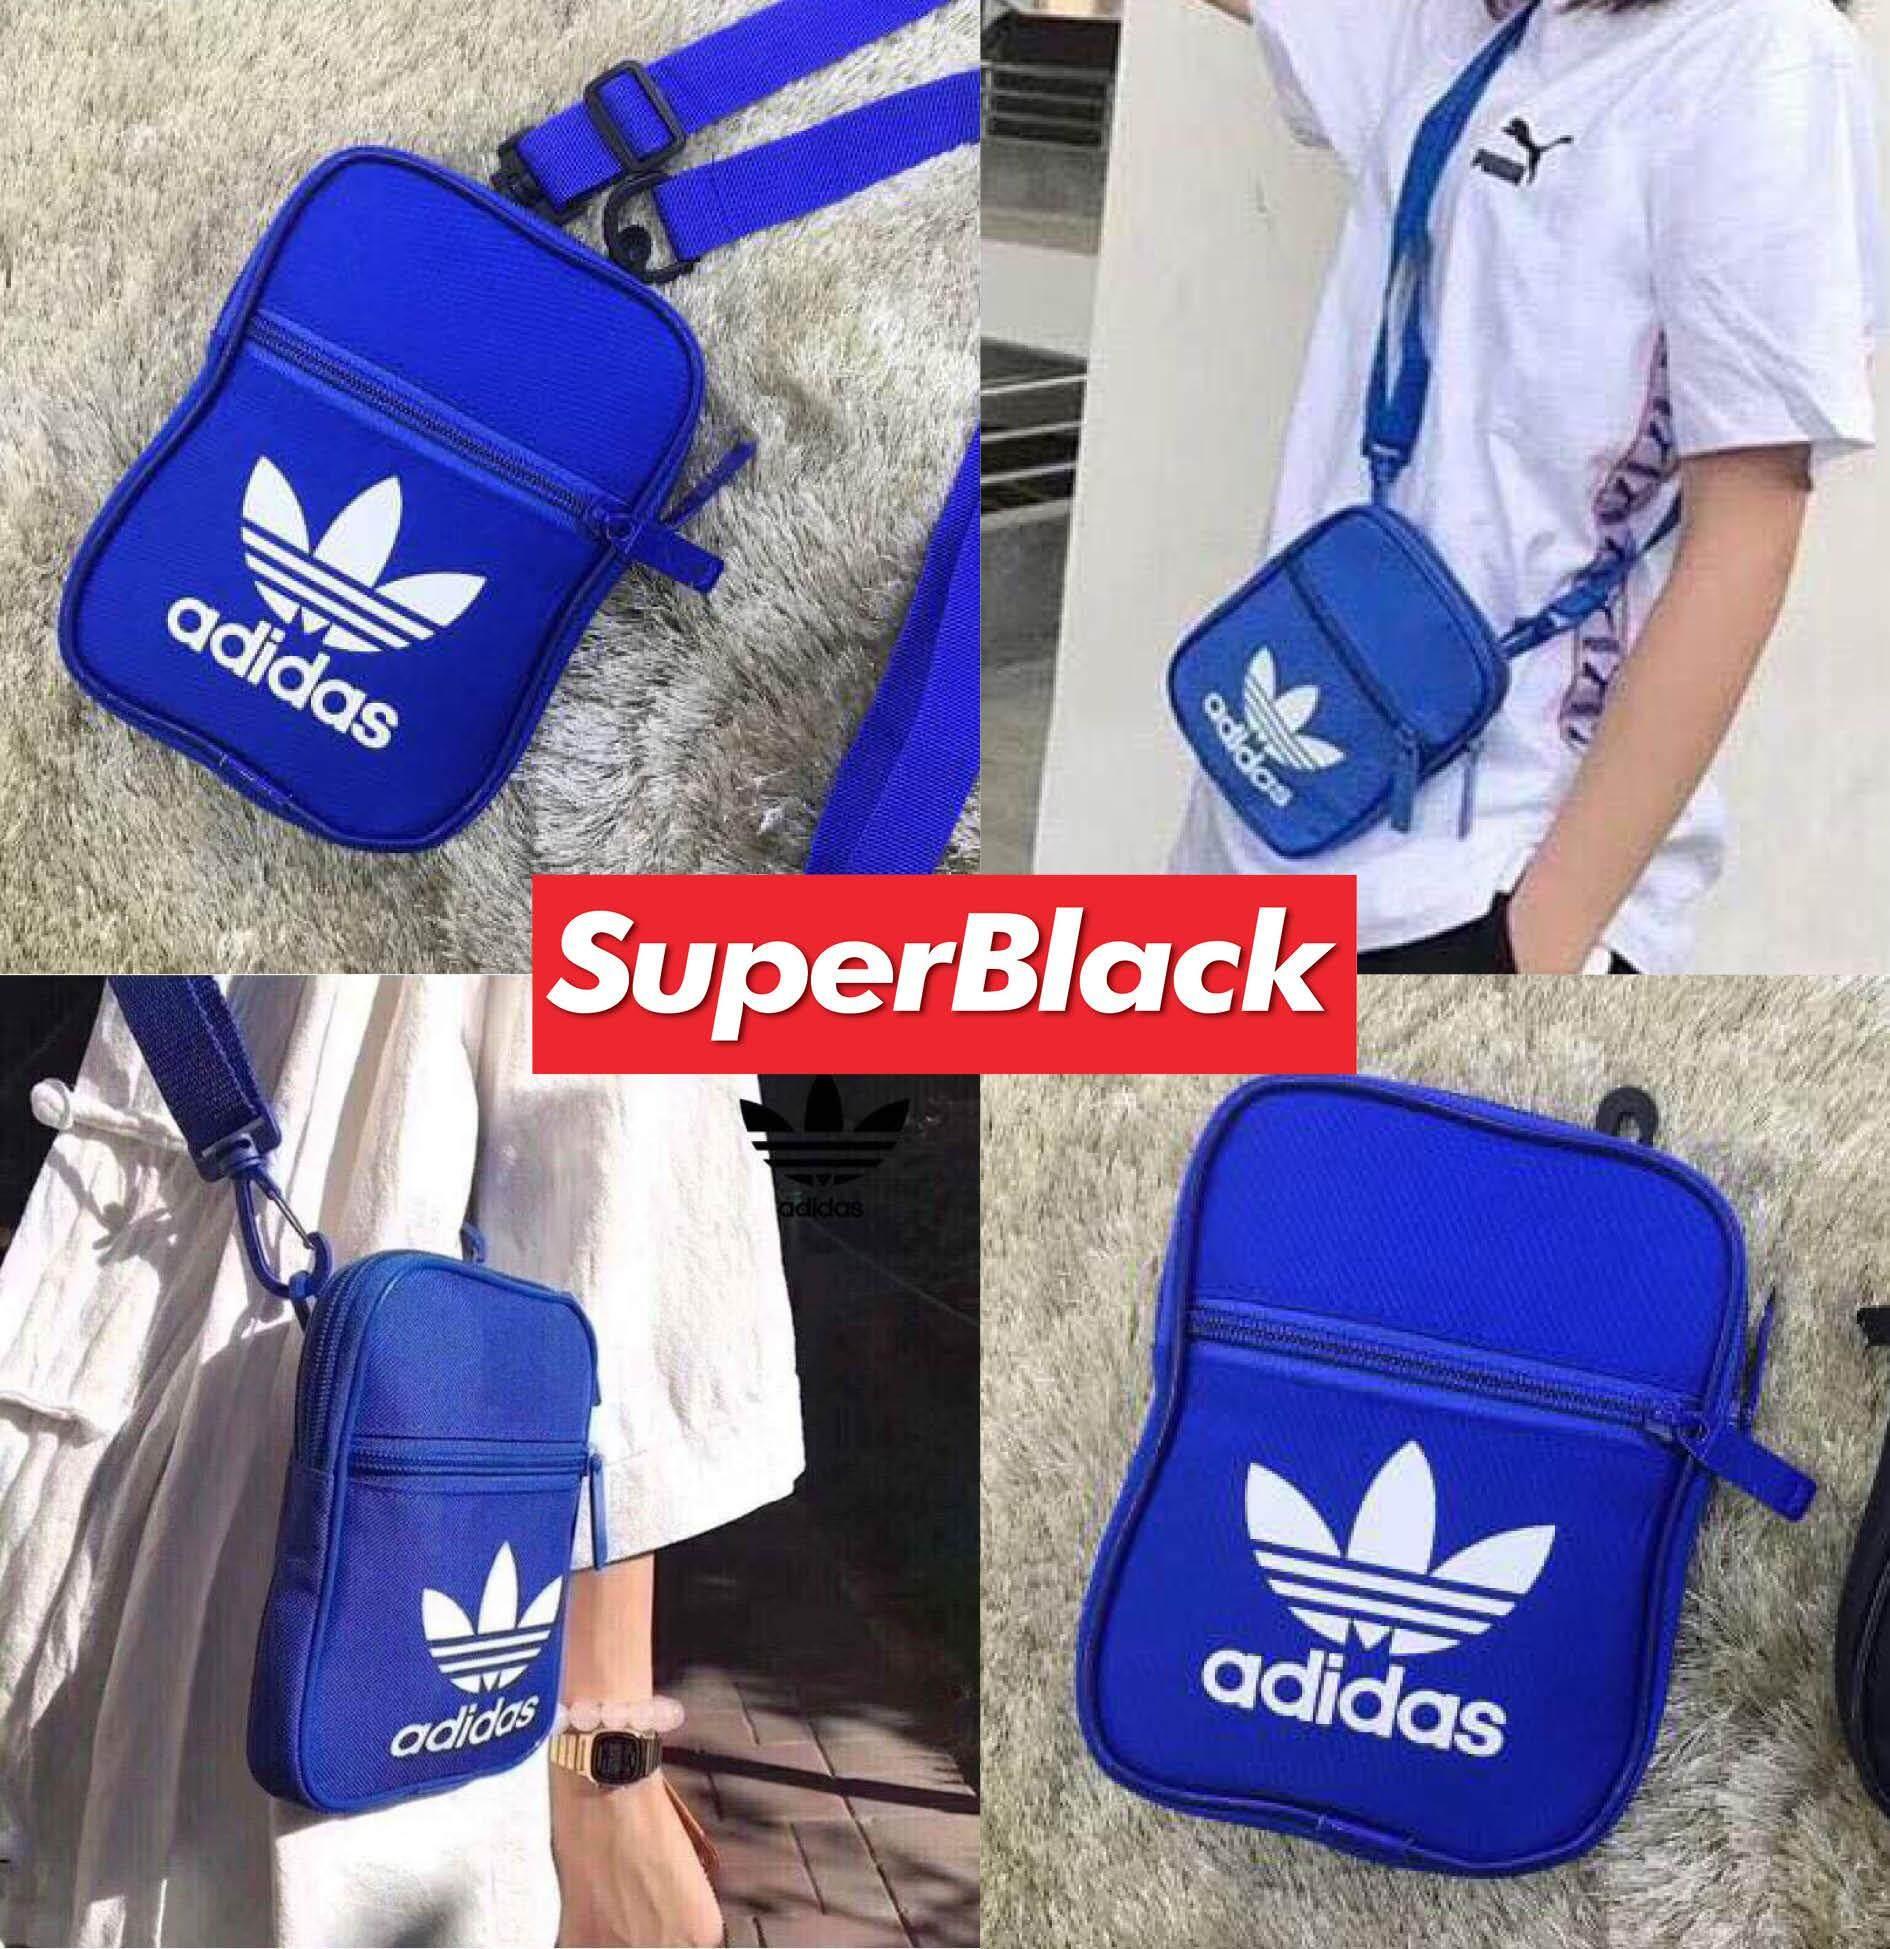 กระเป๋าAdidas สะพายข้าง (สีน้ำเงิน) *จัดส่งจากก.ท.ม ส่งฟรีKerryเก็บเงินปลายได้*